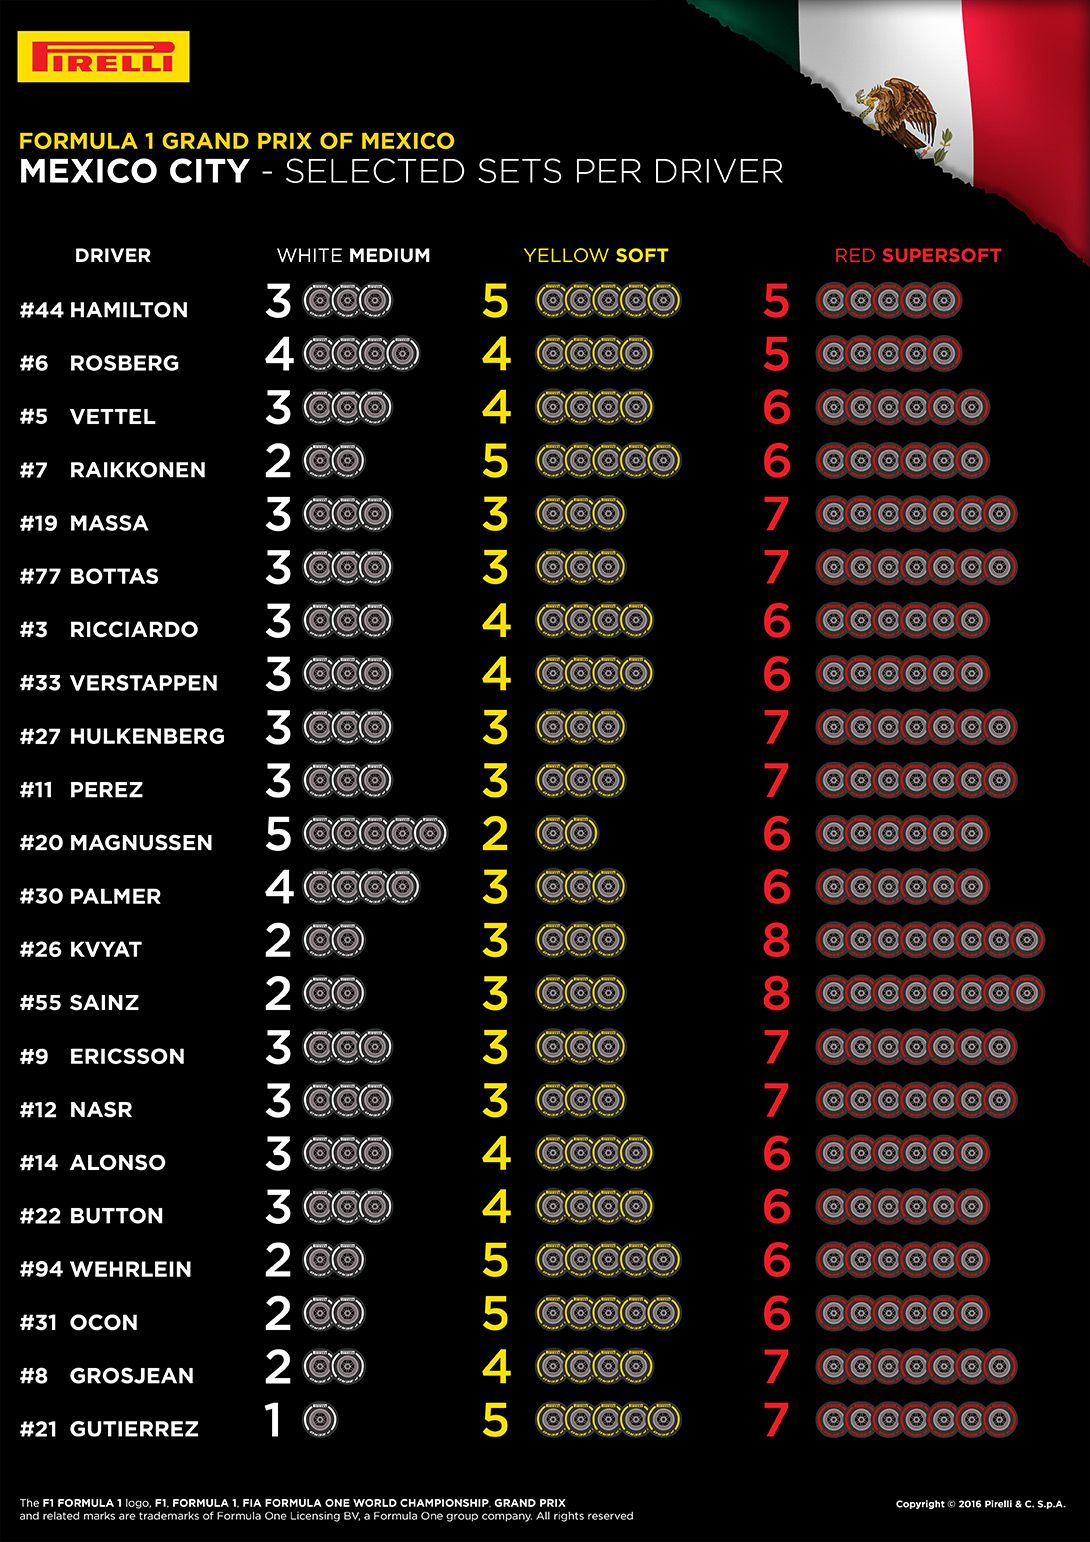 Le scelte dei piloti per il Gran Premio del Messico (foto da: hub.pirelli.com)